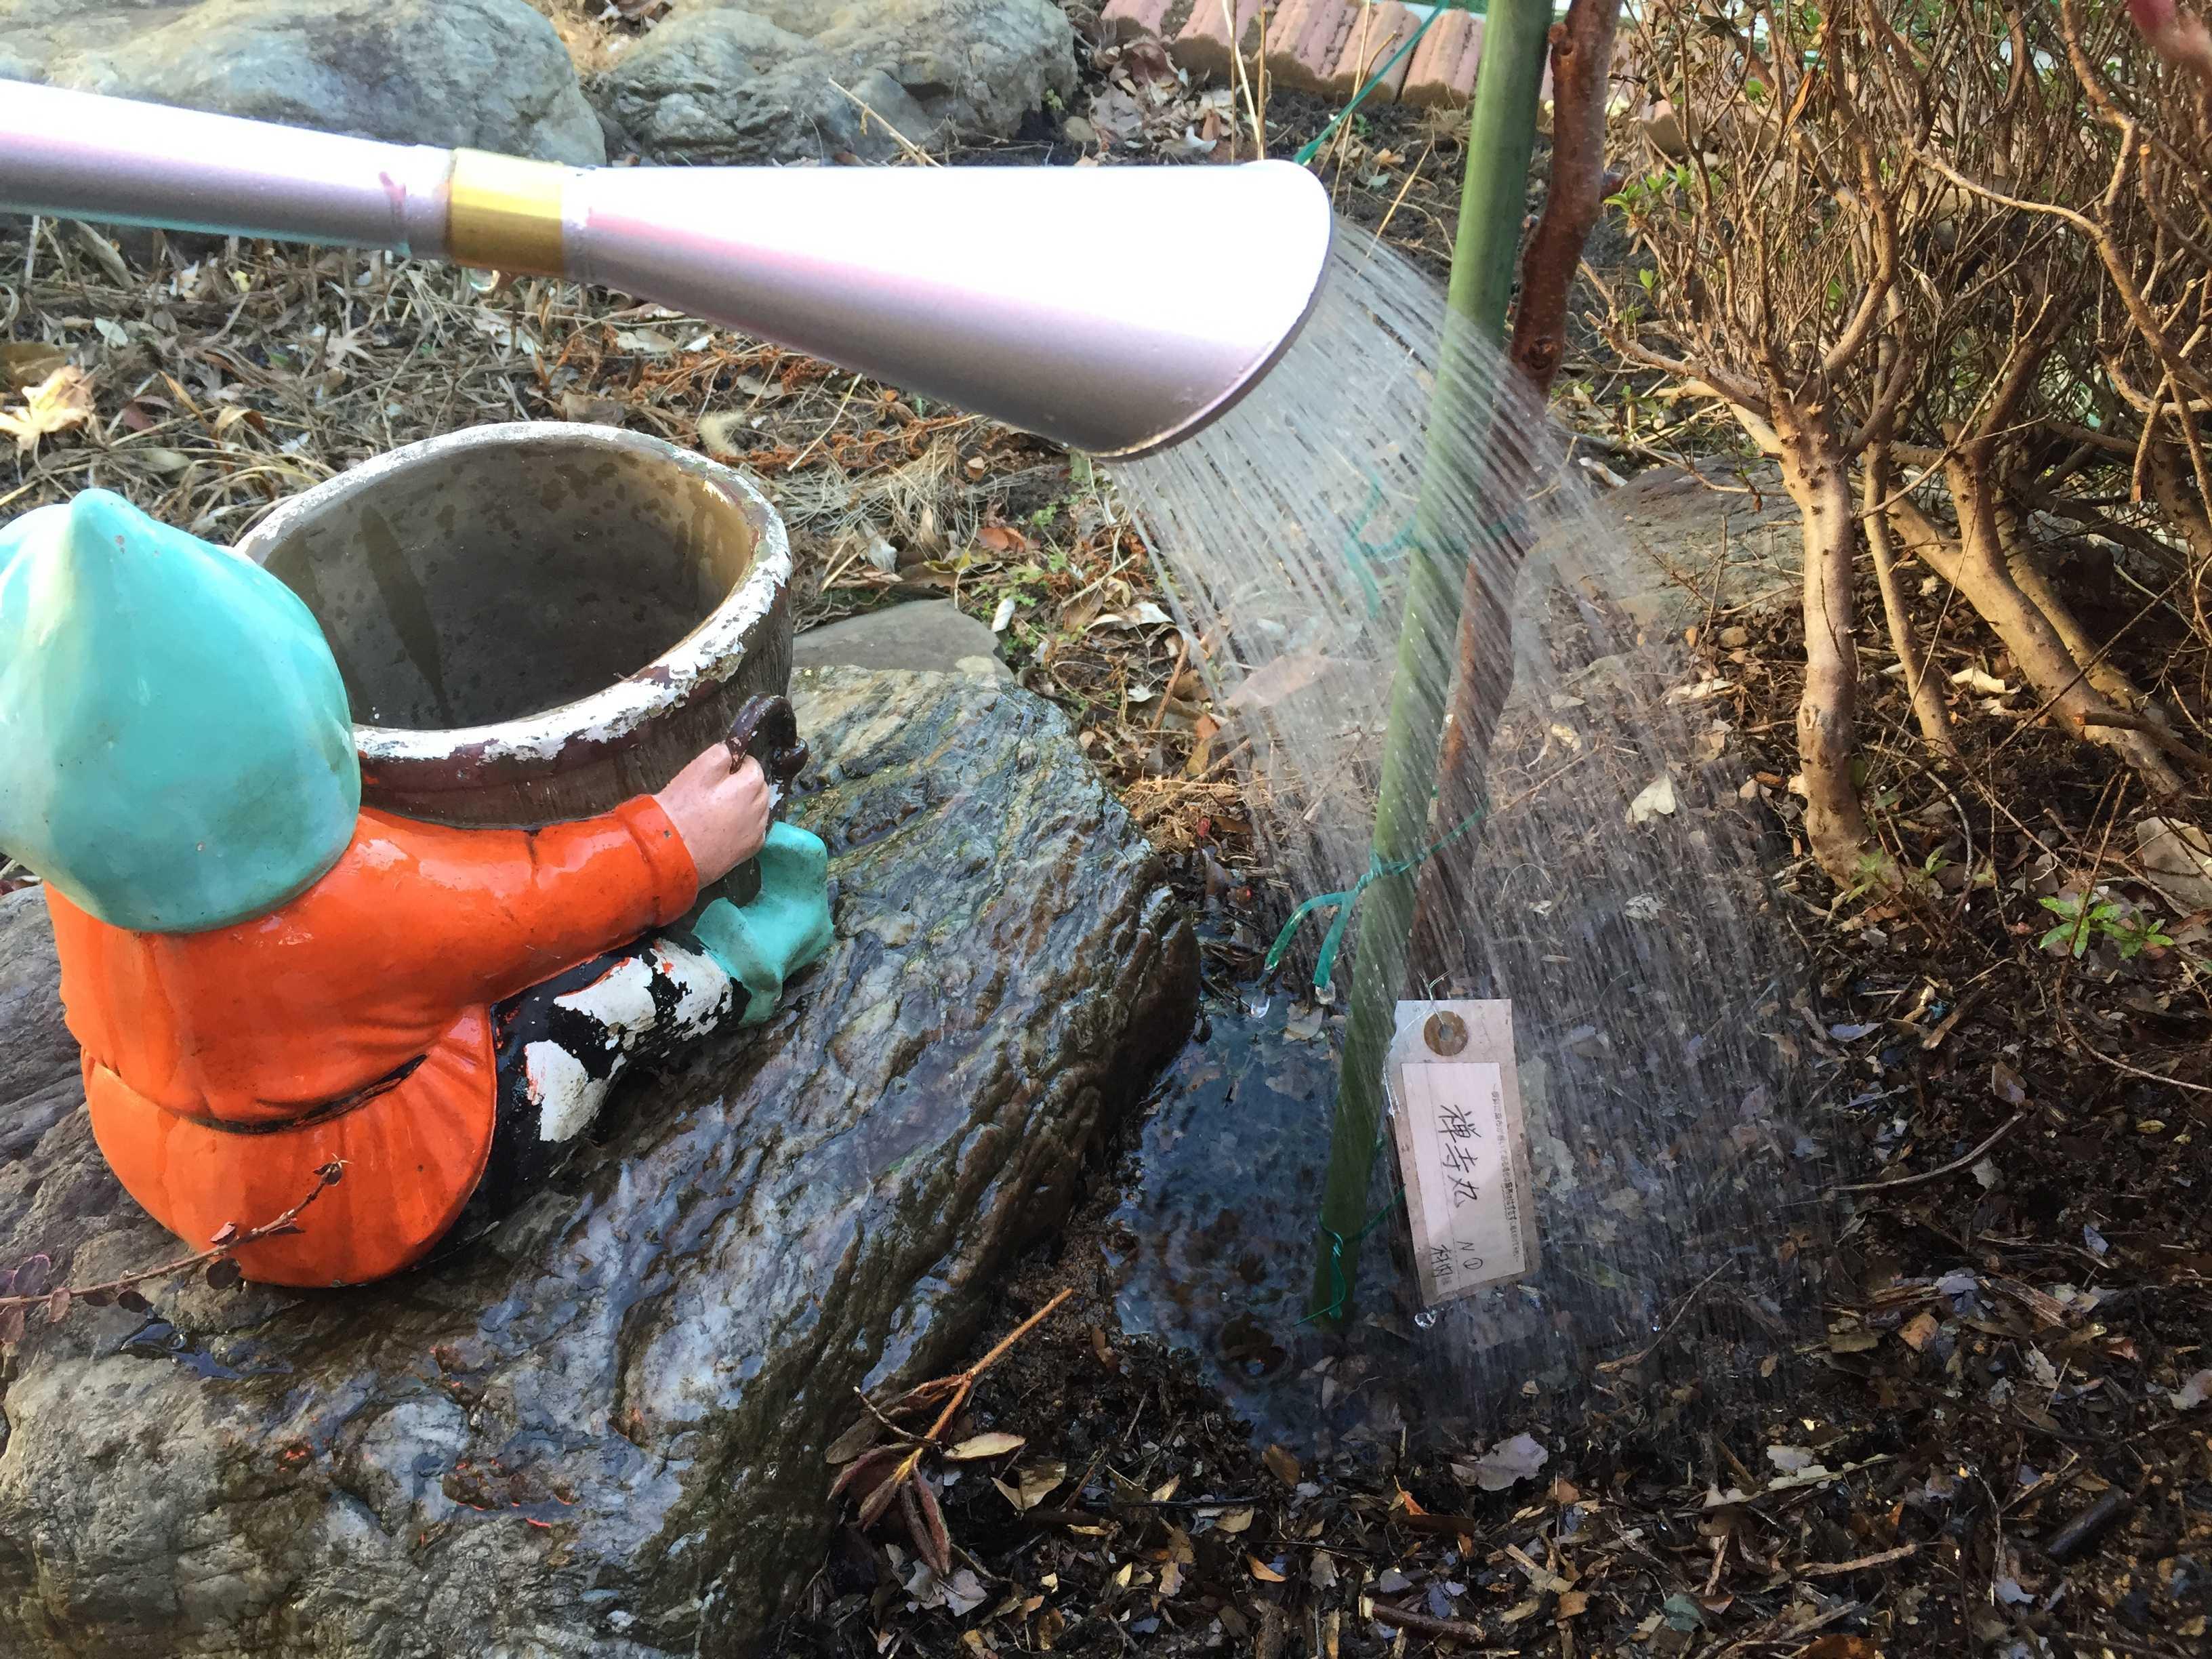 萬年 高級園芸ジョーロ 10L(尾上製作所)の丸形のハス口から出るキレイな水